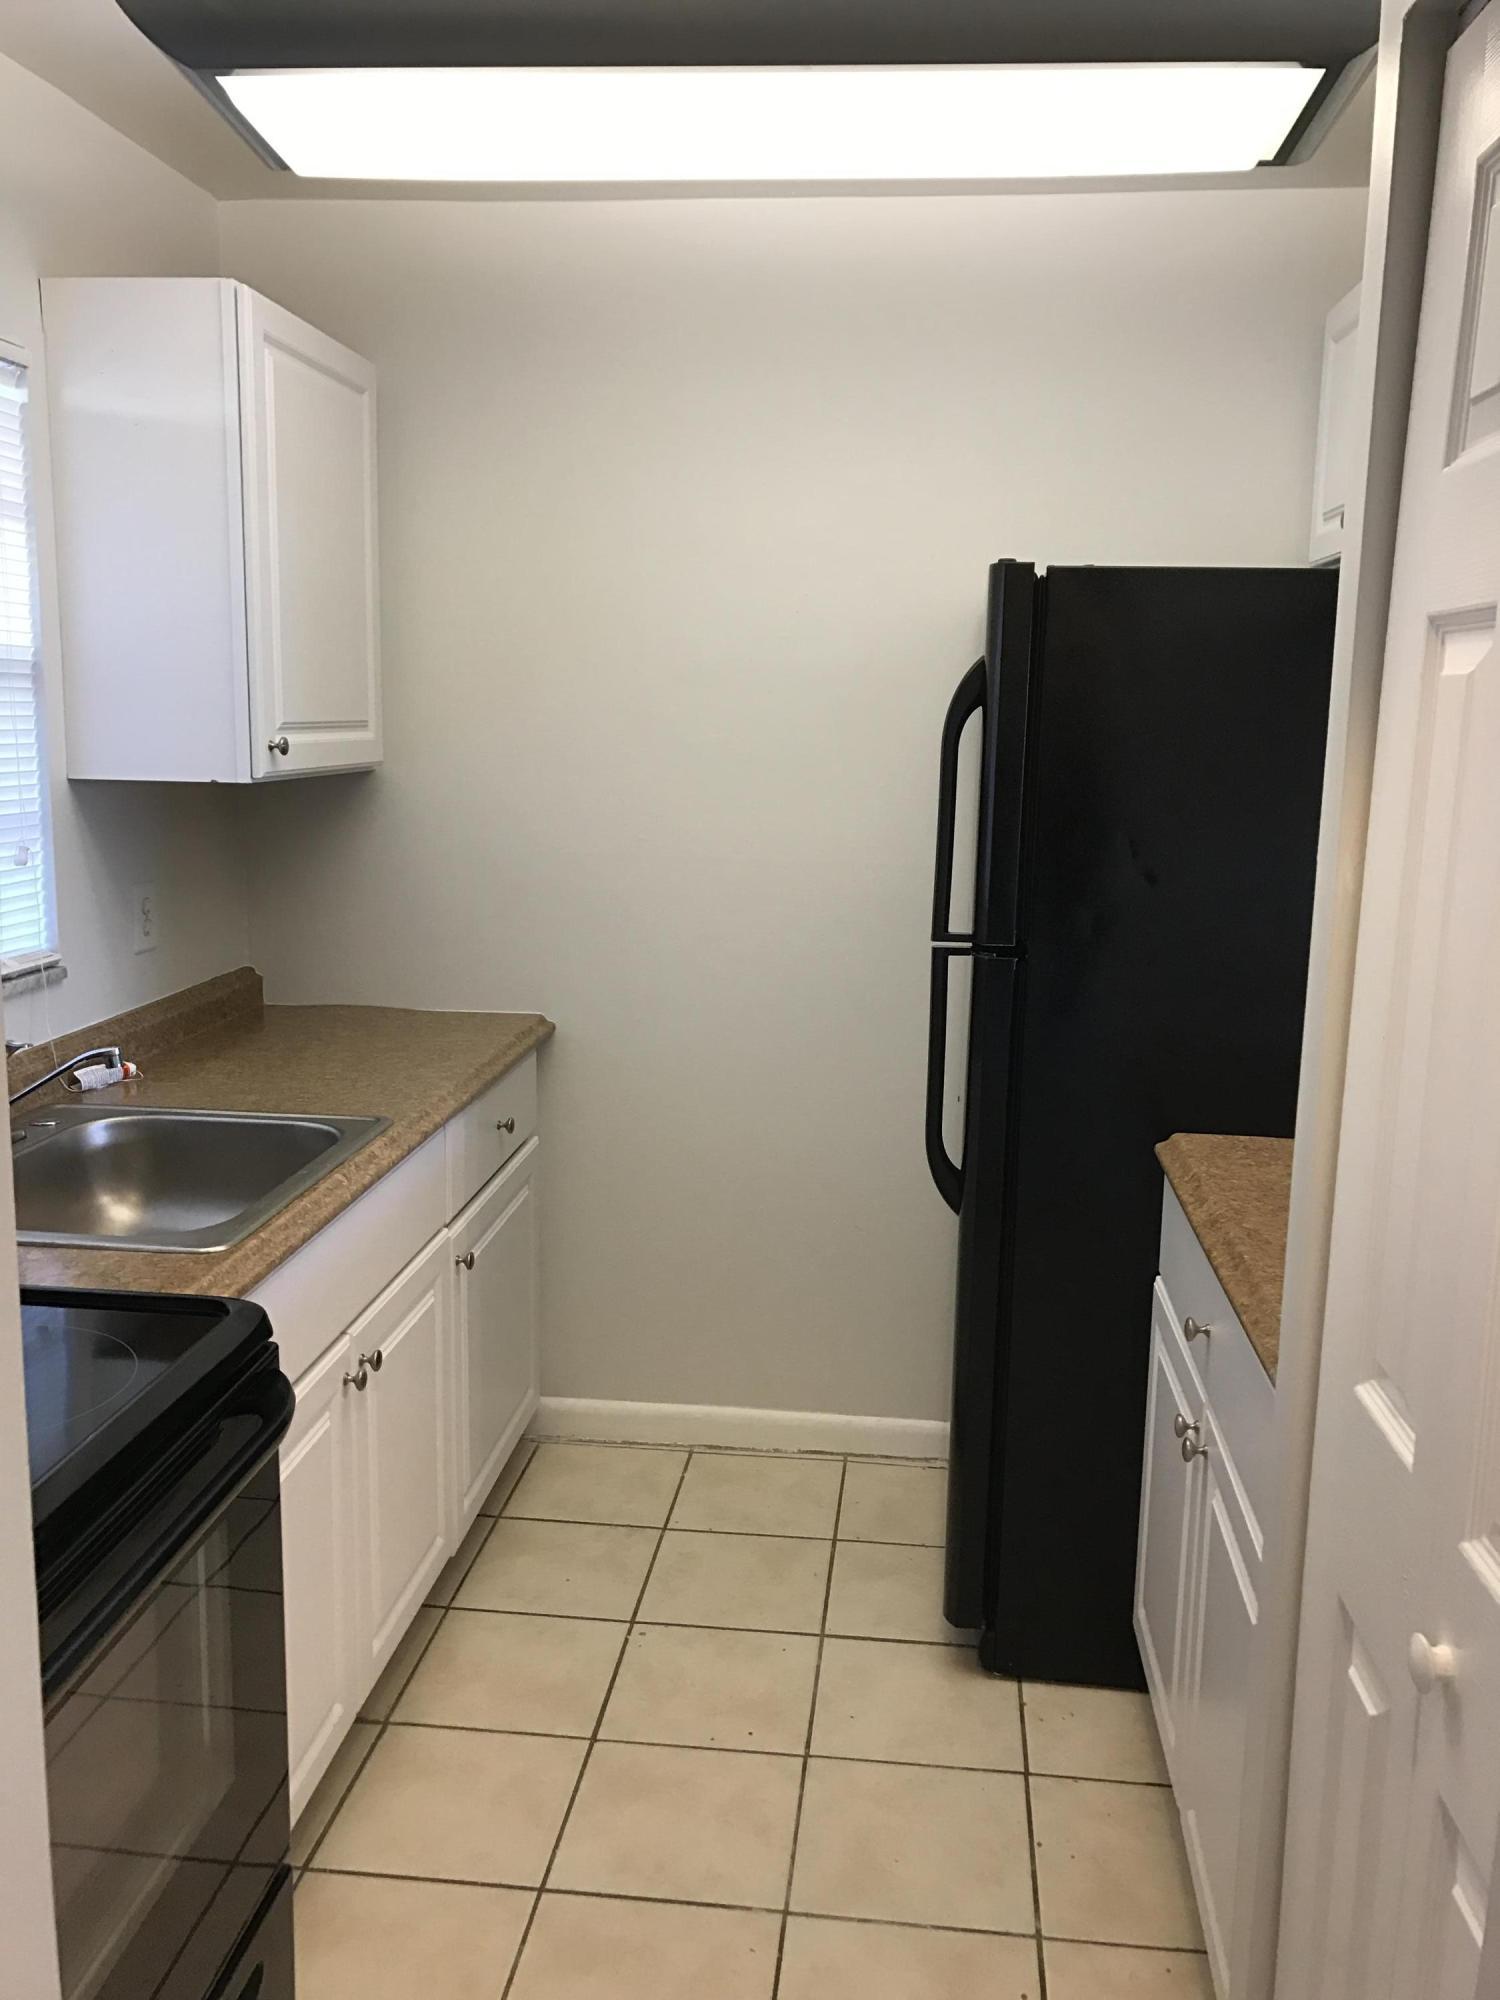 1887 Juno Road, North Palm Beach, Florida 33408, 2 Bedrooms Bedrooms, ,1 BathroomBathrooms,Rental,For Rent,Juno,RX-10673890